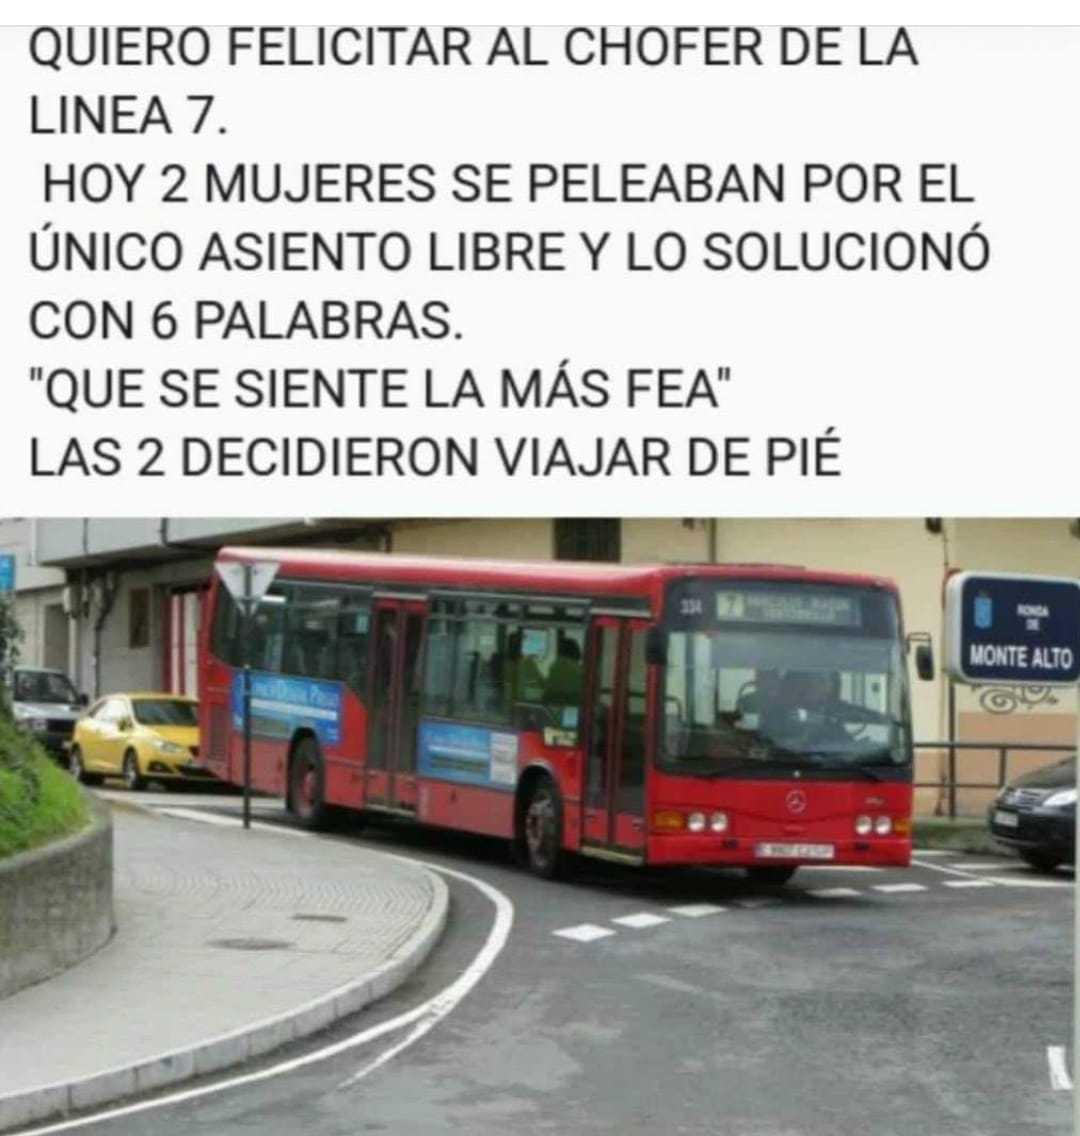 Le bus - meme